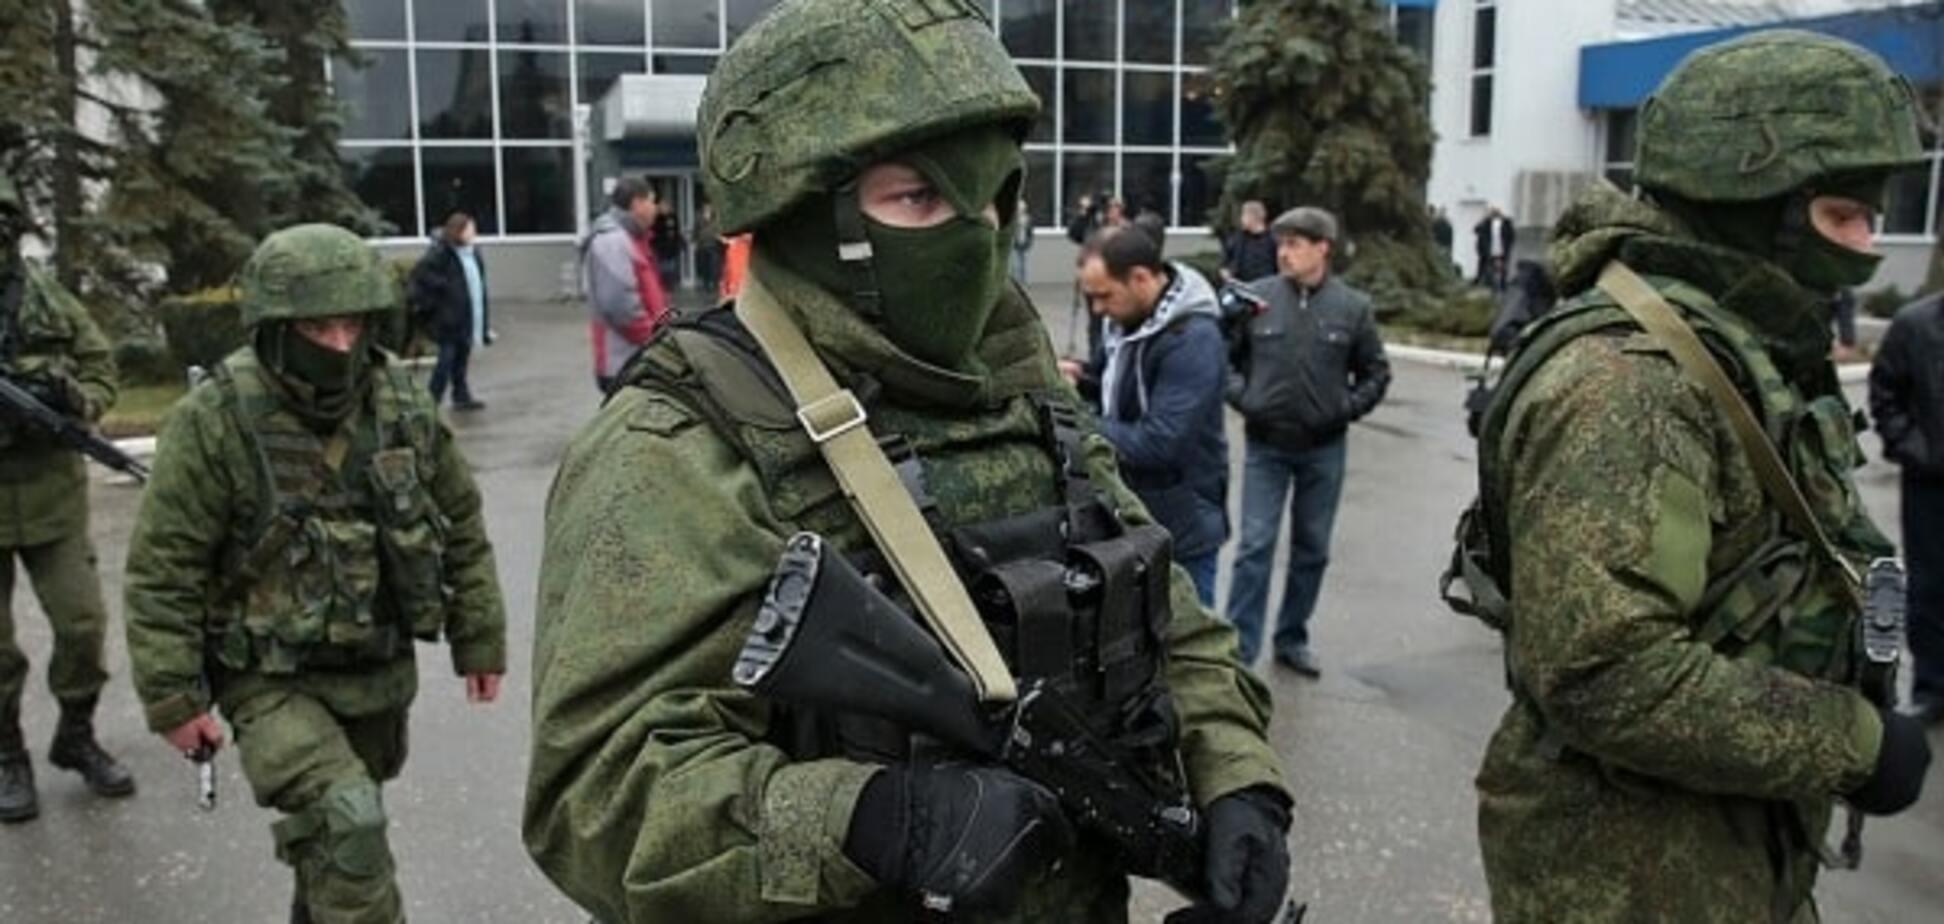 Хроніка зради: екс-офіцер МВС розповів, як допомагав росіянам захоплювати Крим